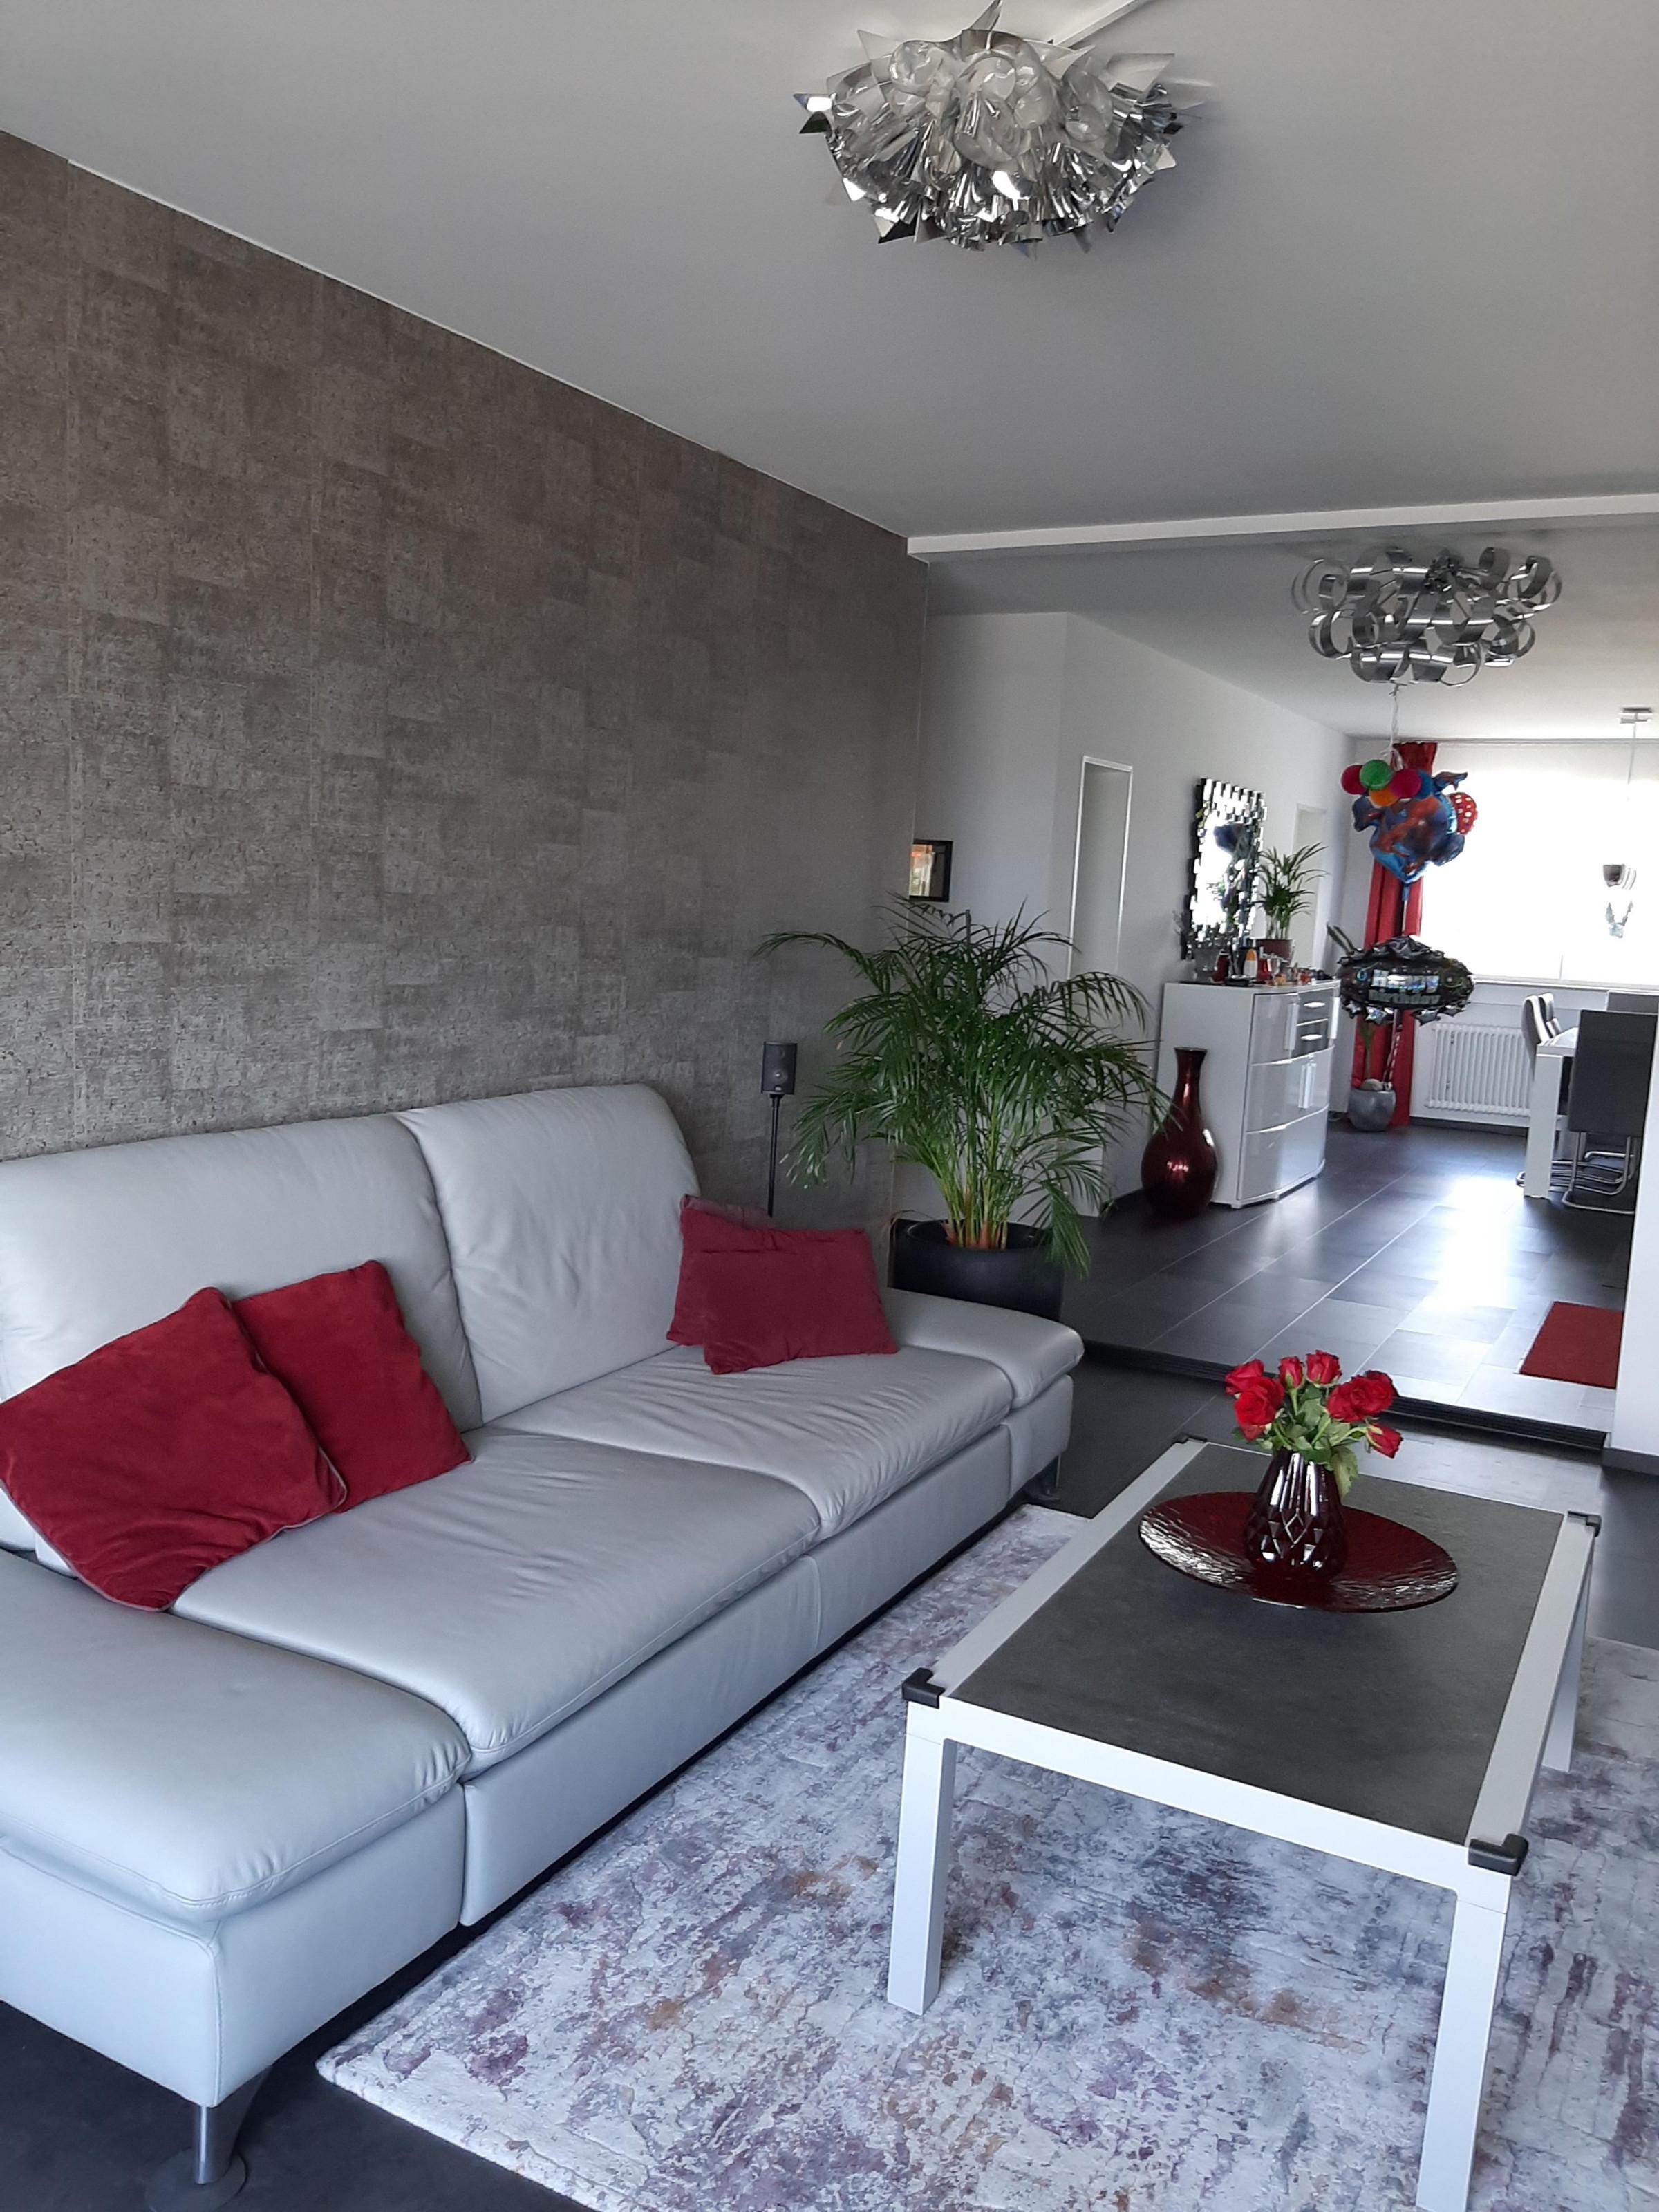 Tapeten Ideen Für Die Wandgestaltung Bei Couch von Wohnzimmer Mit Tapete Gestalten Photo